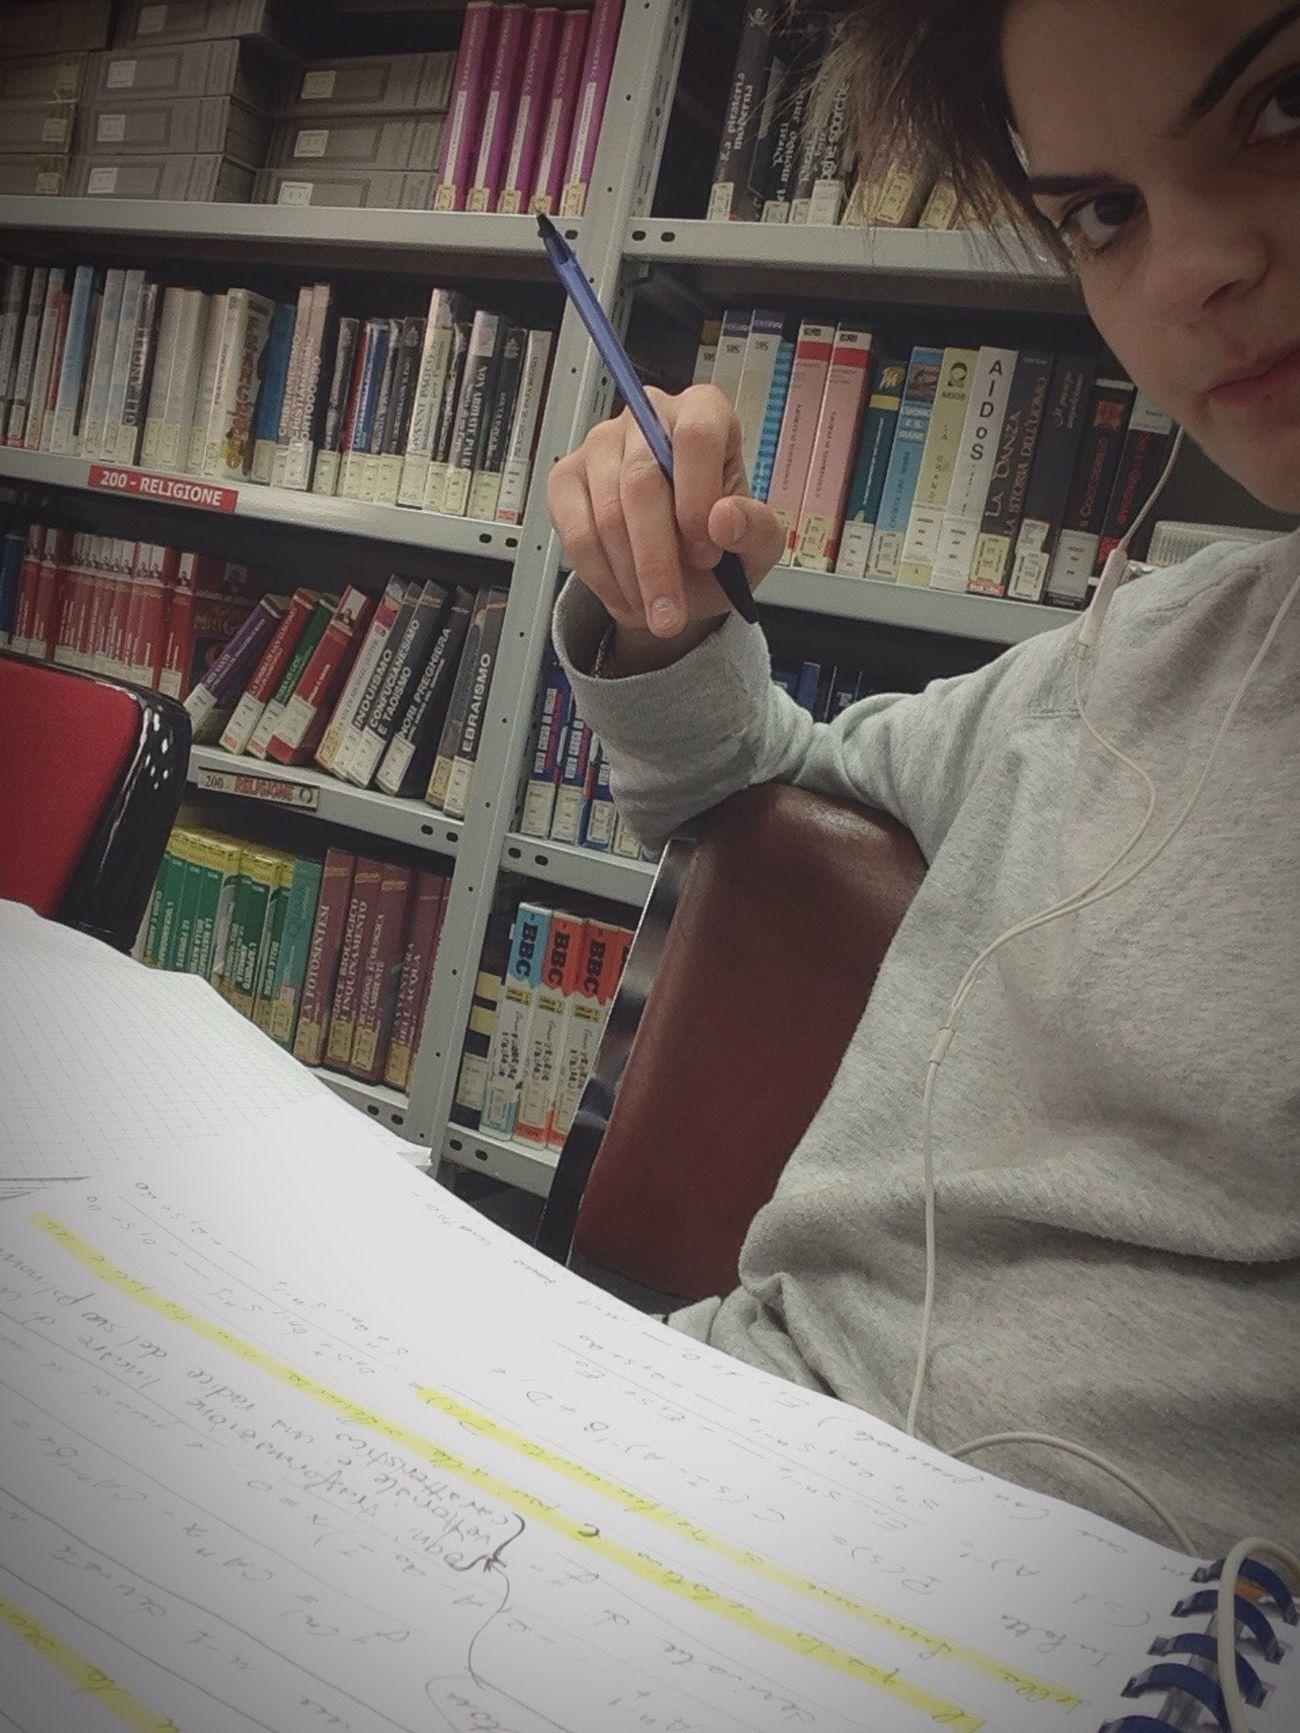 Studying Studying Hard Studying Life